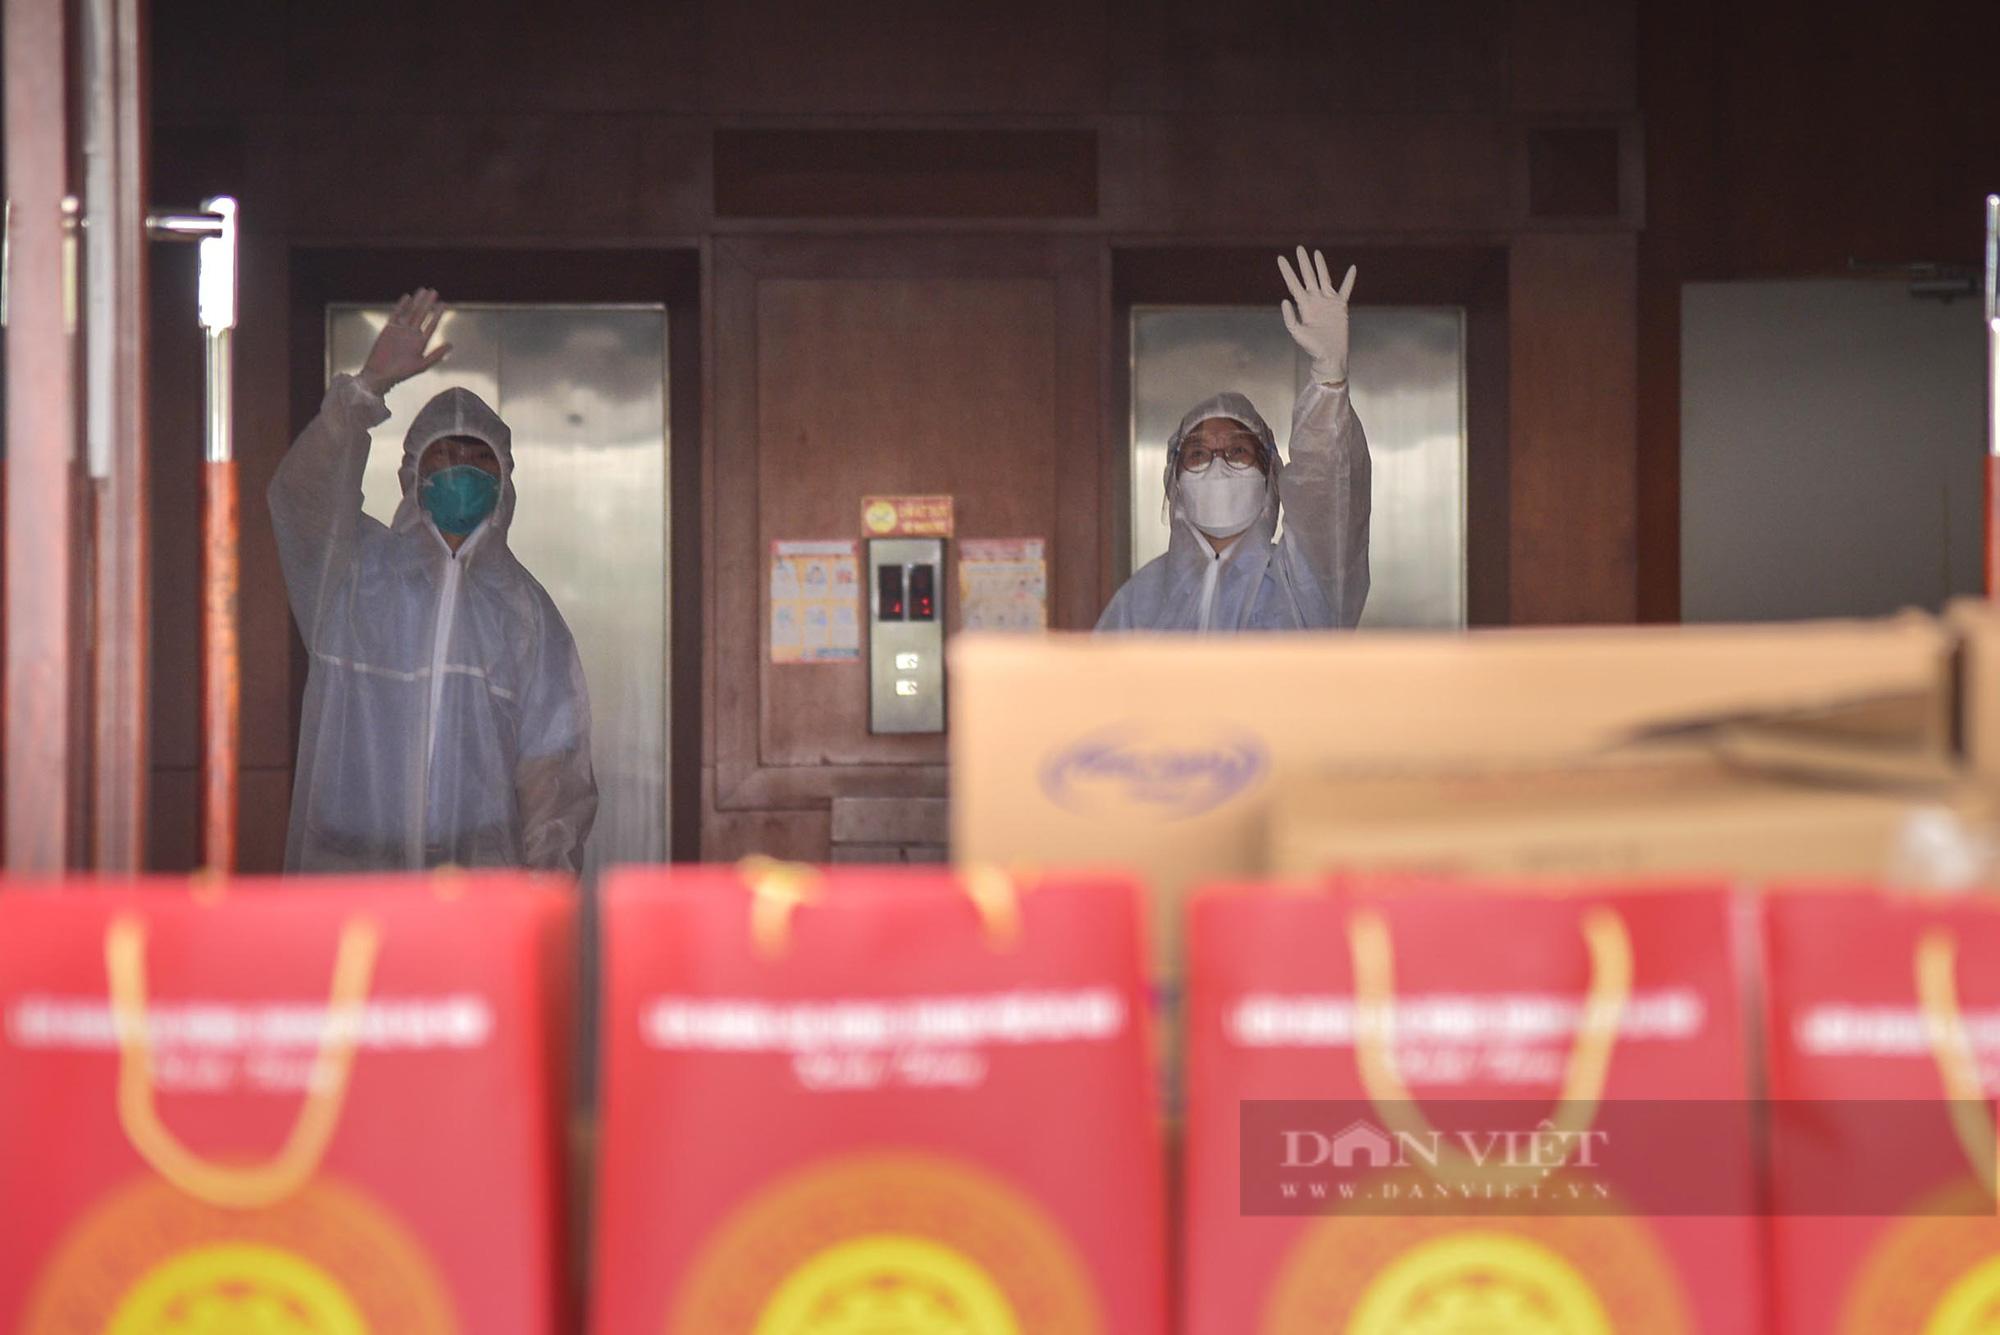 """Cận cảnh """"Xe buýt siêu thị 0 đồng"""" đầu tiên phục vụ CNLĐ khu công nghiệp Hà Nội - Ảnh 5."""